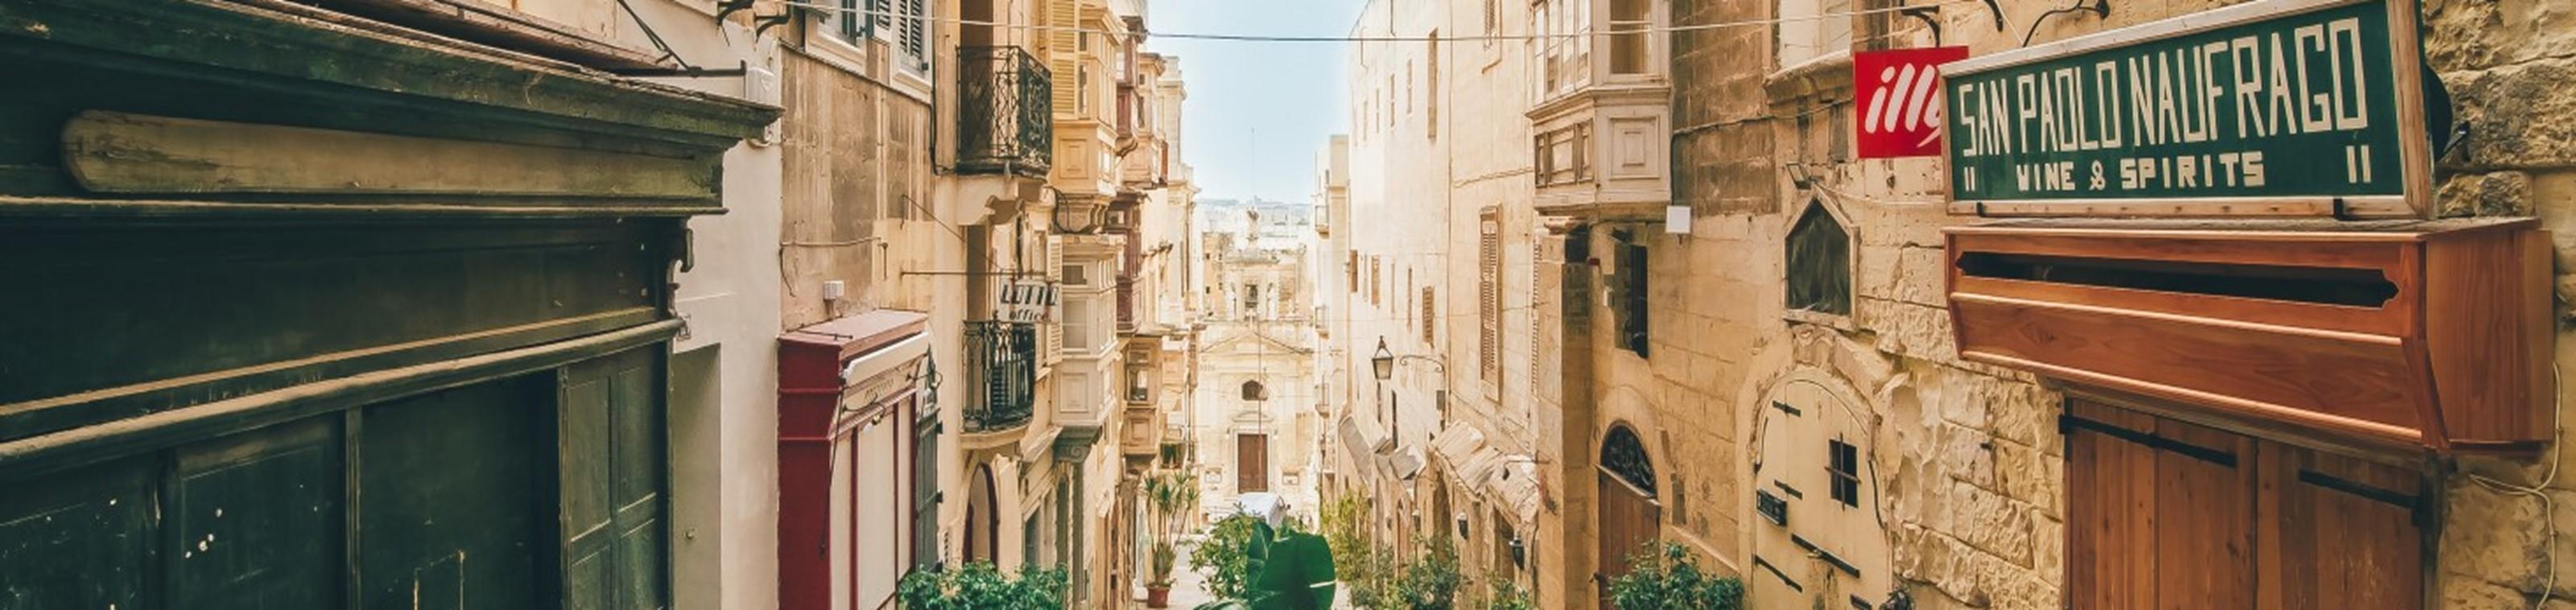 Proef Malta, proef de zon